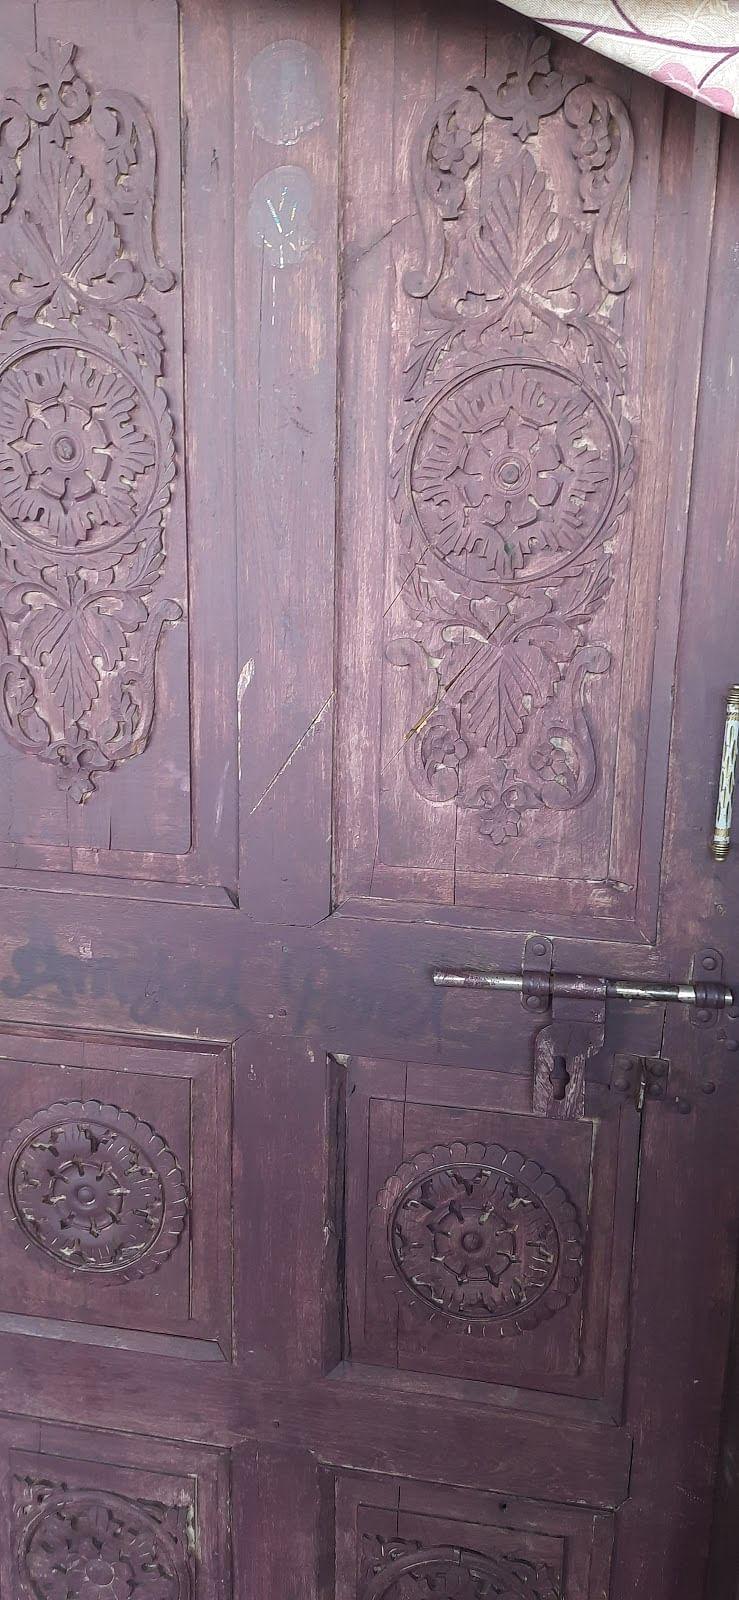 दरवाजे और परदों पर तलवार के निशान